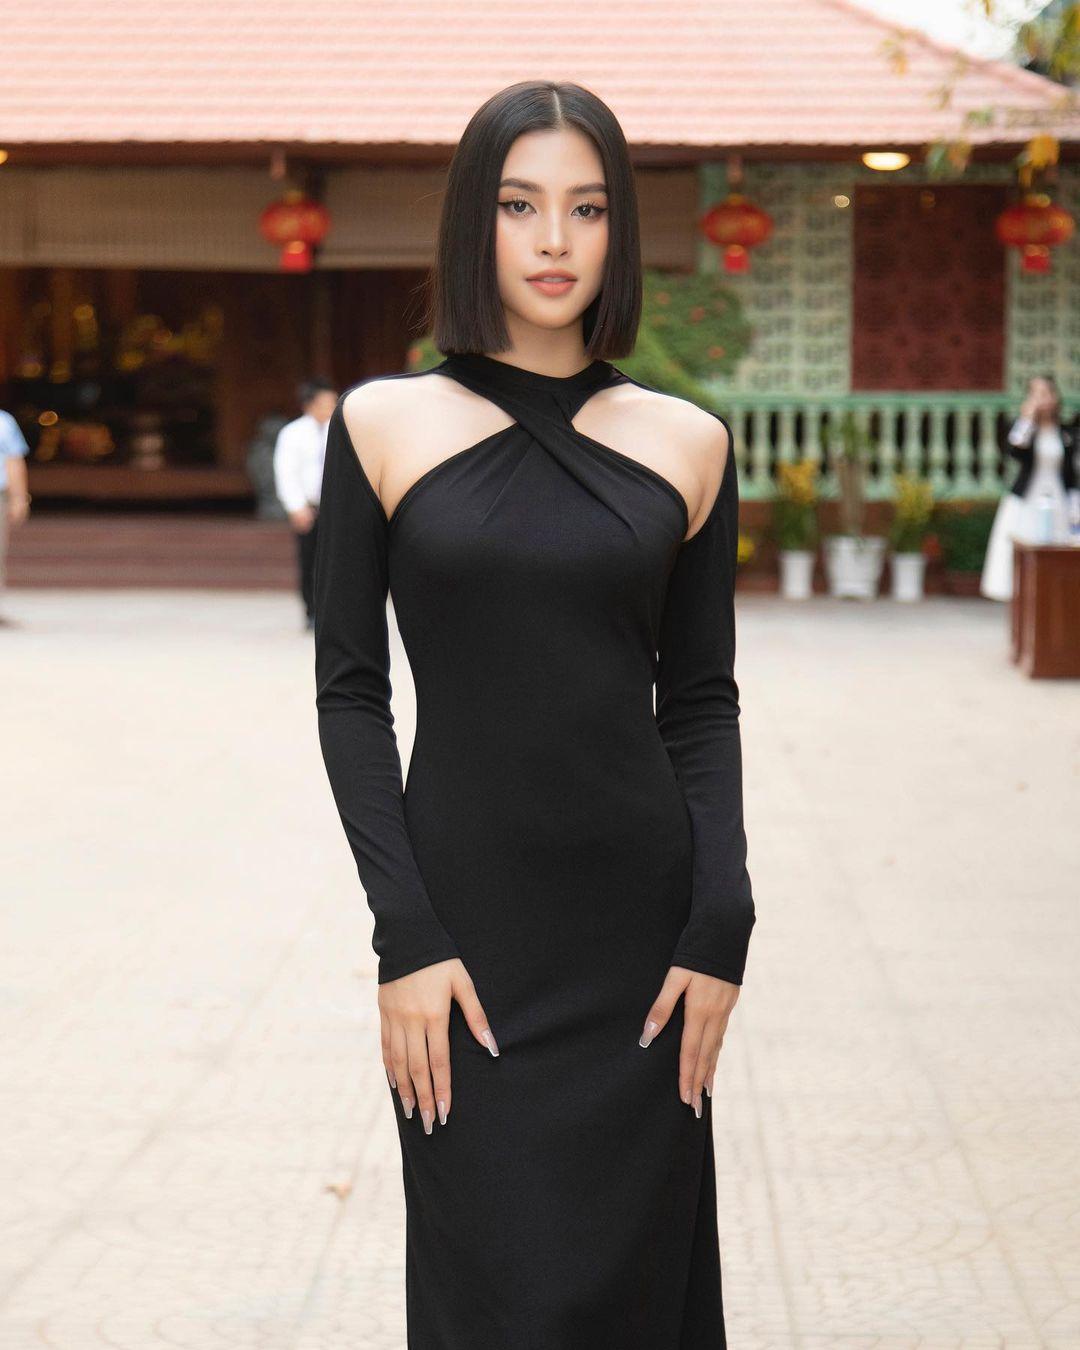 """Instagram look của sao Việt tuần qua: Đồ đen """"chiếm sóng"""", riêng Hà Tăng khoe khí chất cao sang với áo dài - Ảnh 5."""